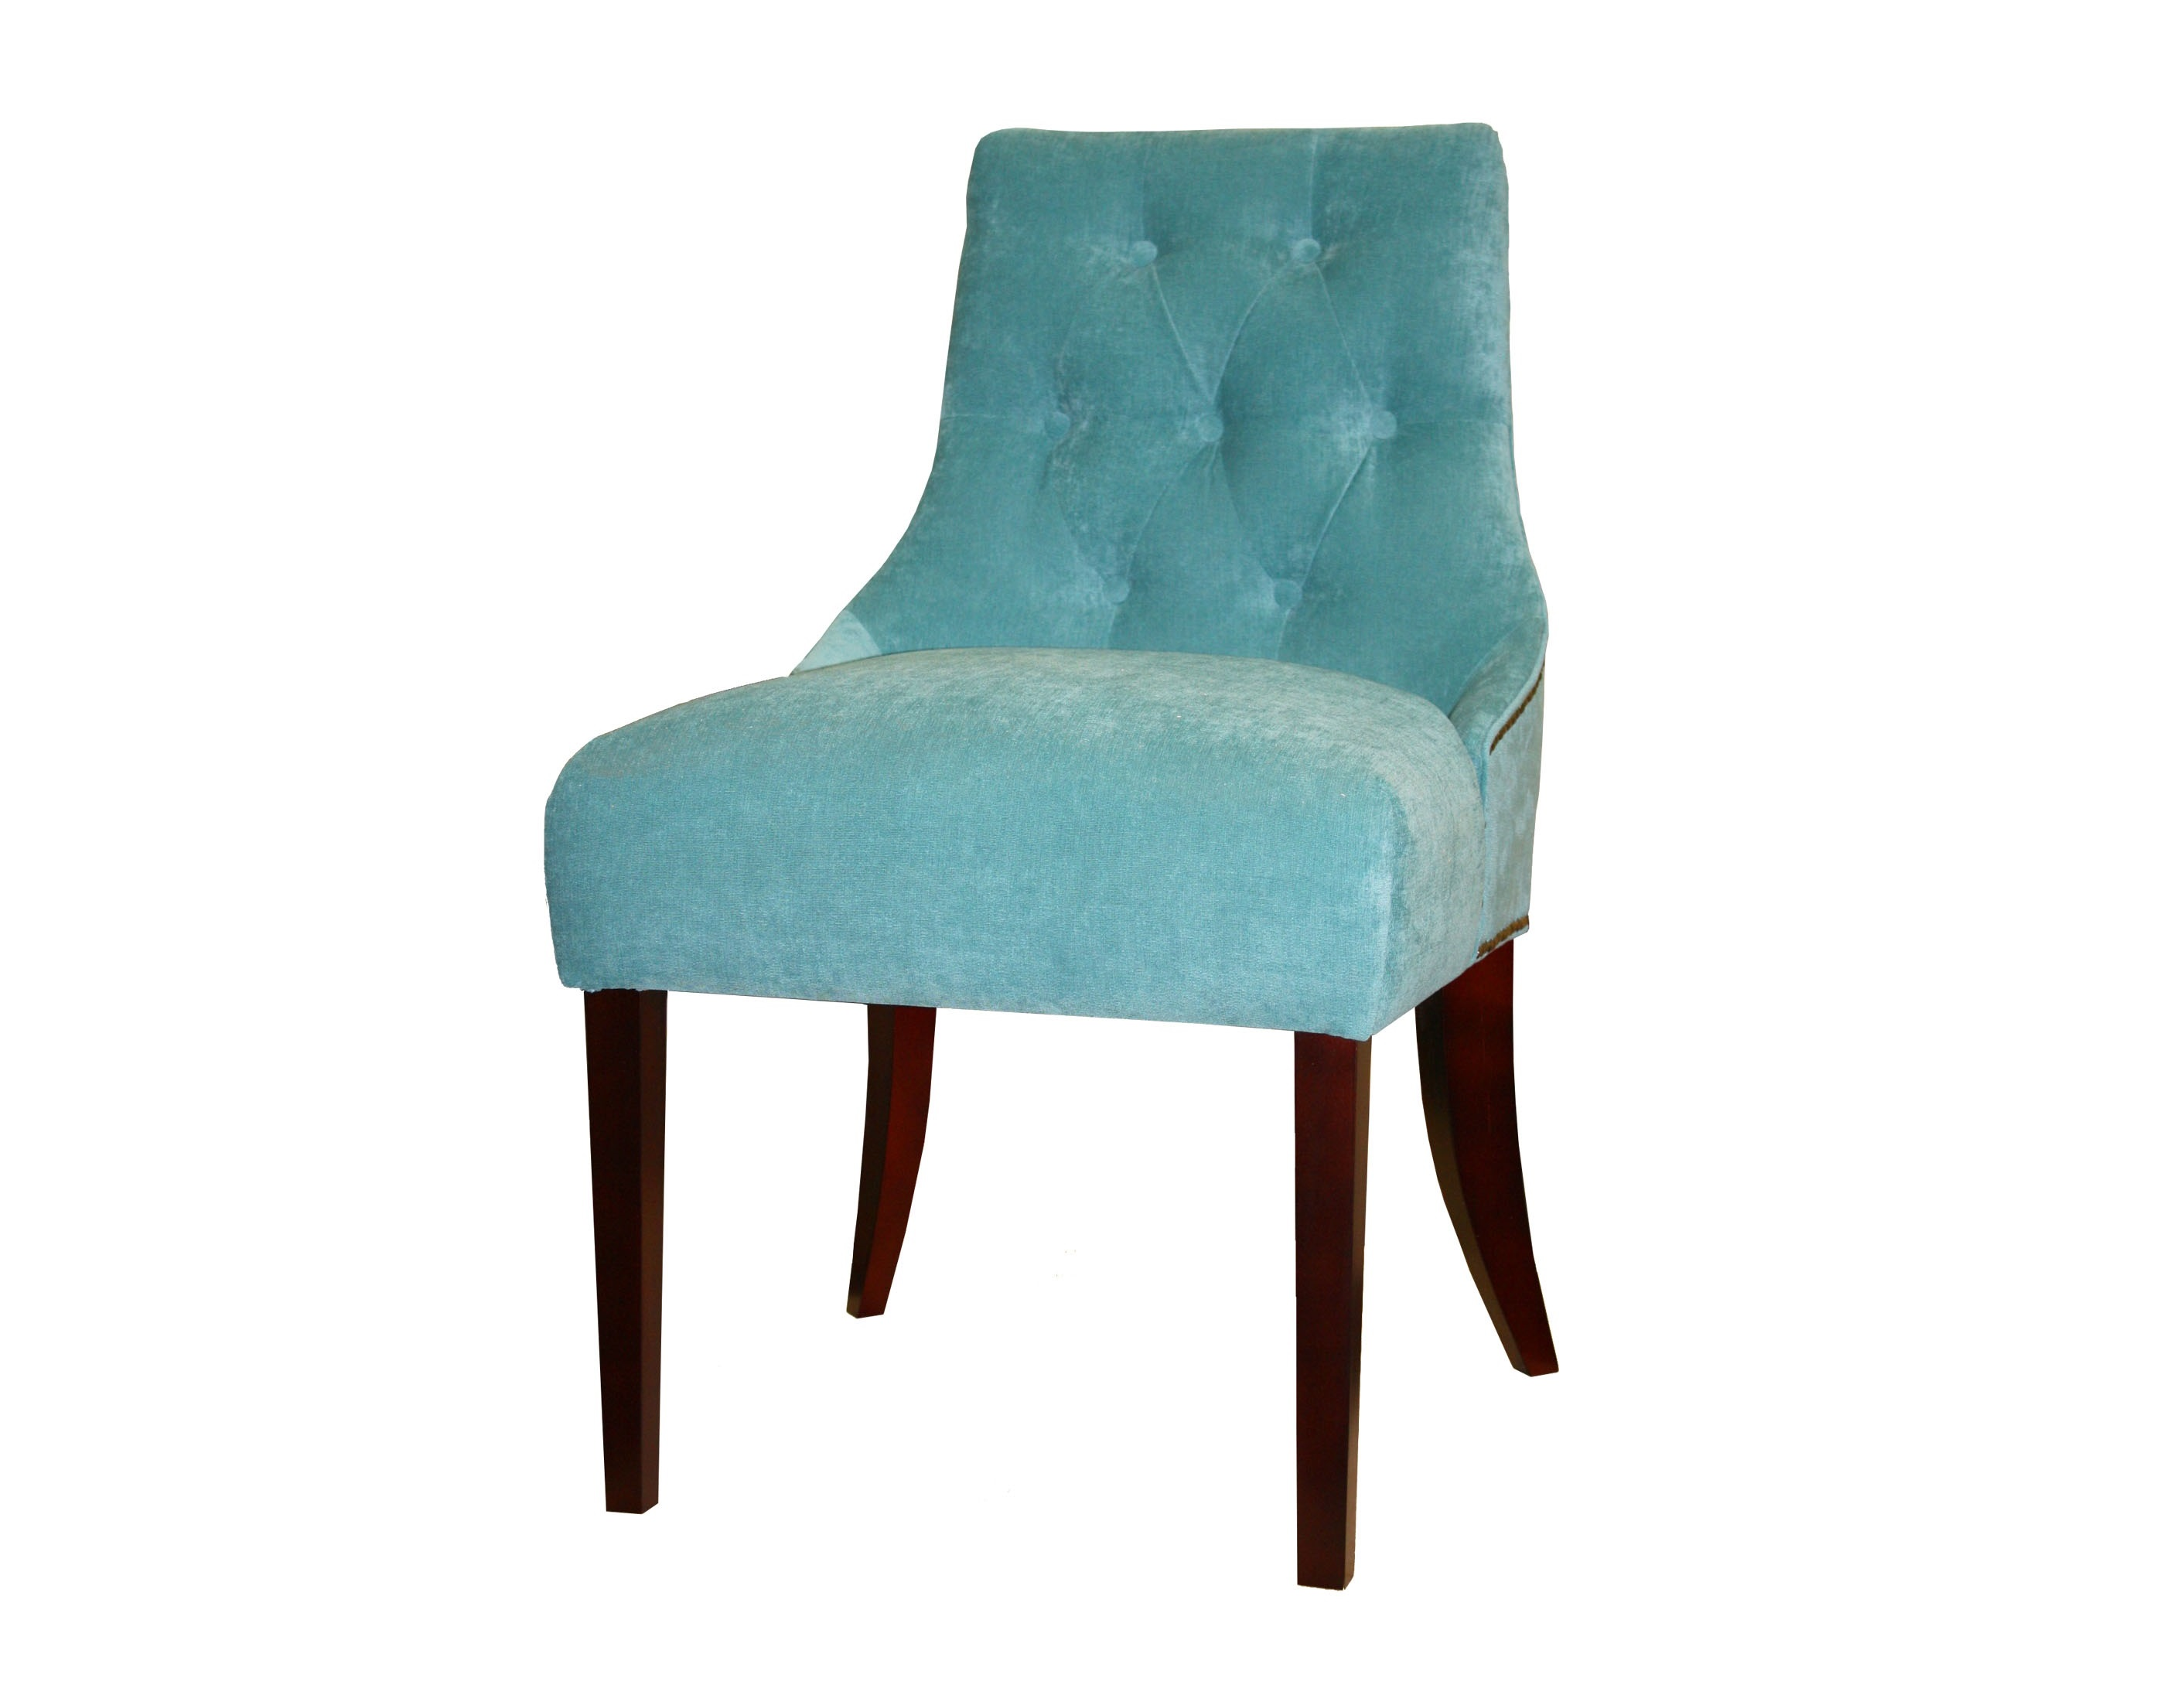 Стул МессиноПолукресла<br>Такие стулья без подлокотников просто необходимы, если в столовой стоит круглый стол – их можно поставить вплотную друг к другу. Это выглядит органично и экономит пространство. Спинка изнутри украшена стежкой капитоне, снаружи – гвоздиками цвета старого золота. Изящные ножки выточены из массива бука, в основании каждой – фетровый подпятник, чтобы мебель передвигалась бесшумно.<br><br>Material: Текстиль<br>Ширина см: 63<br>Высота см: 95<br>Глубина см: 56